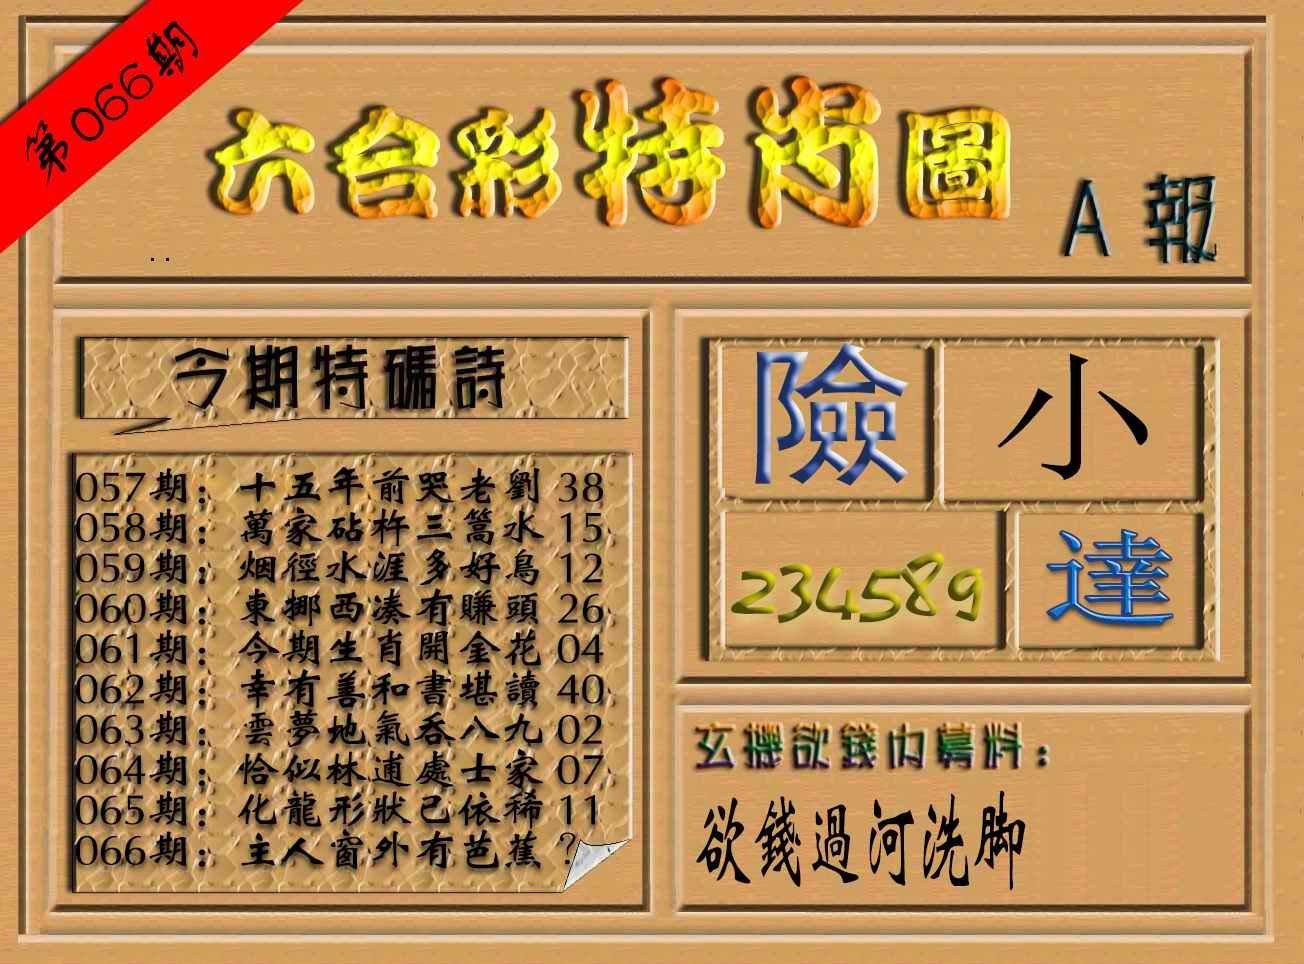 066期六合彩特肖图(A报)